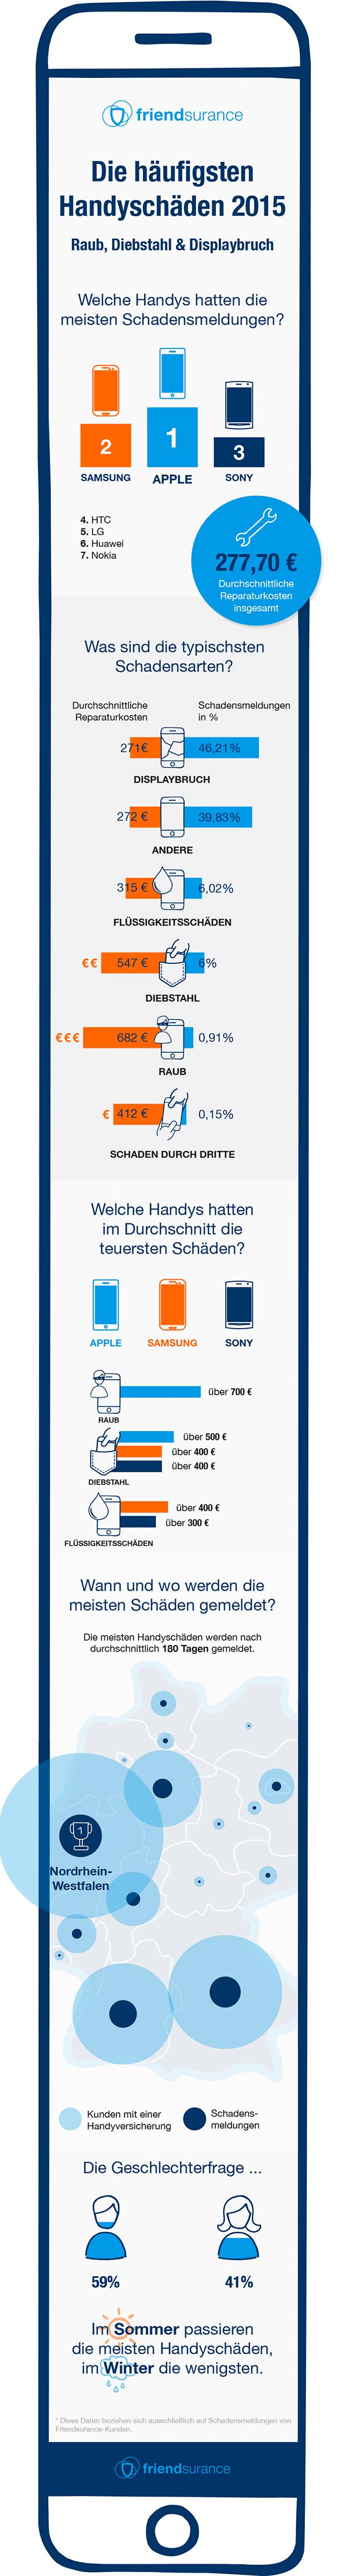 Friendsurance-Infografik-Handyschäden-2015 (3)